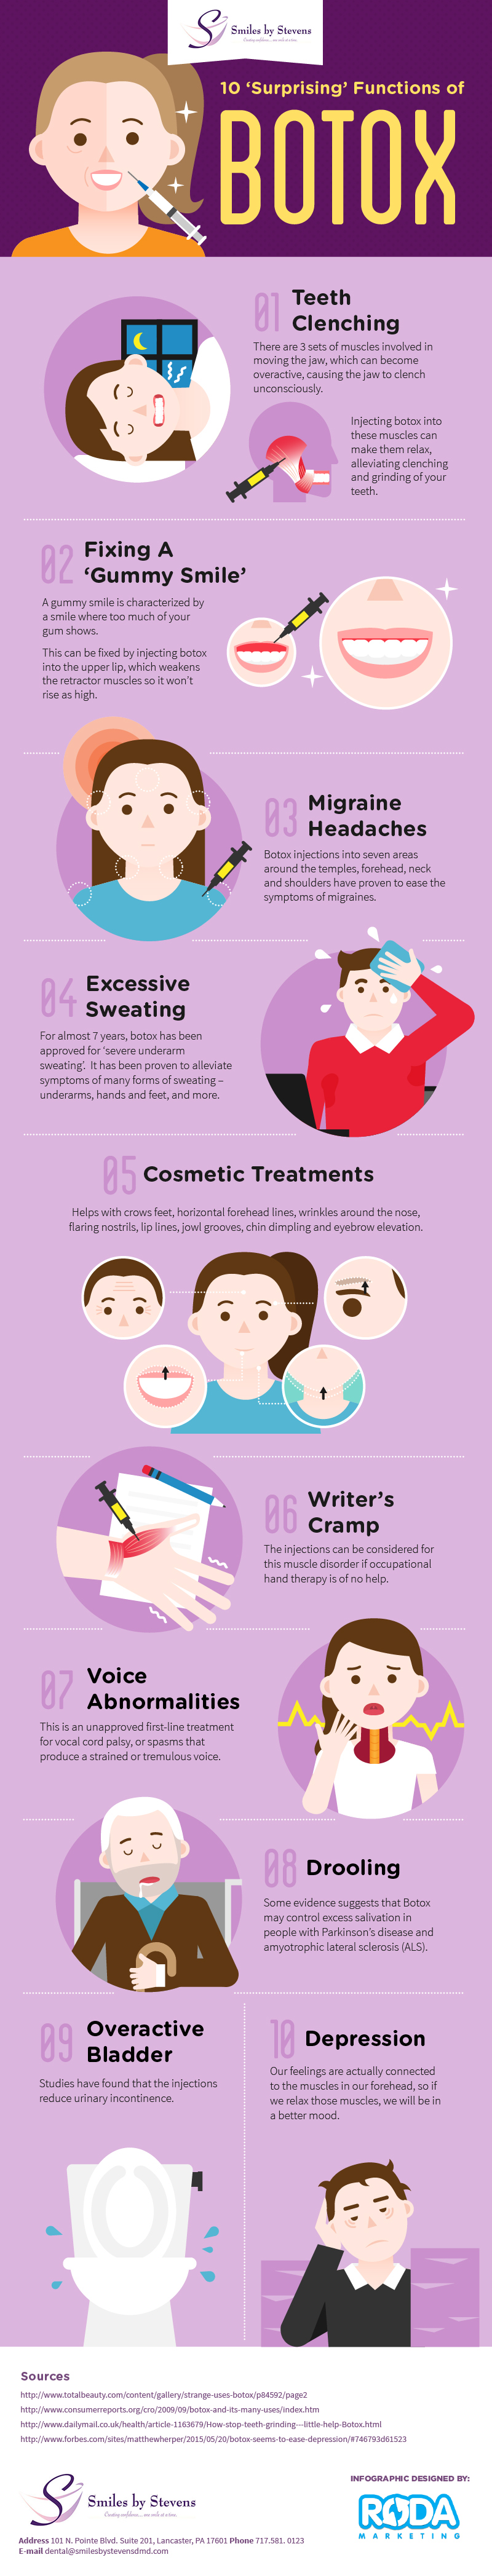 smilesbystevensdmd-com_infographic_august2016